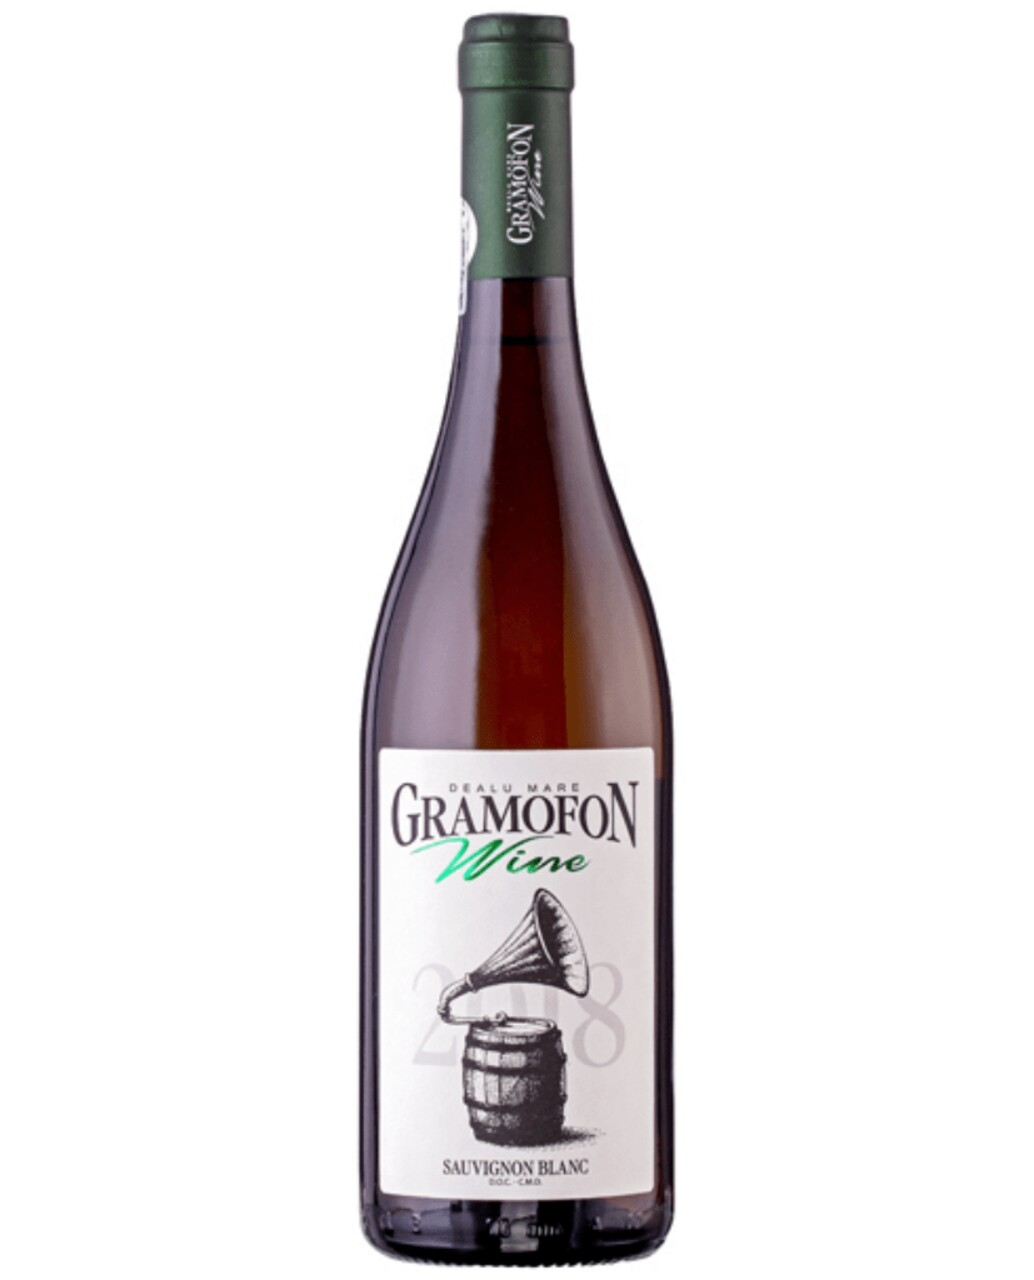 Gramofon Sauvignon Blanc